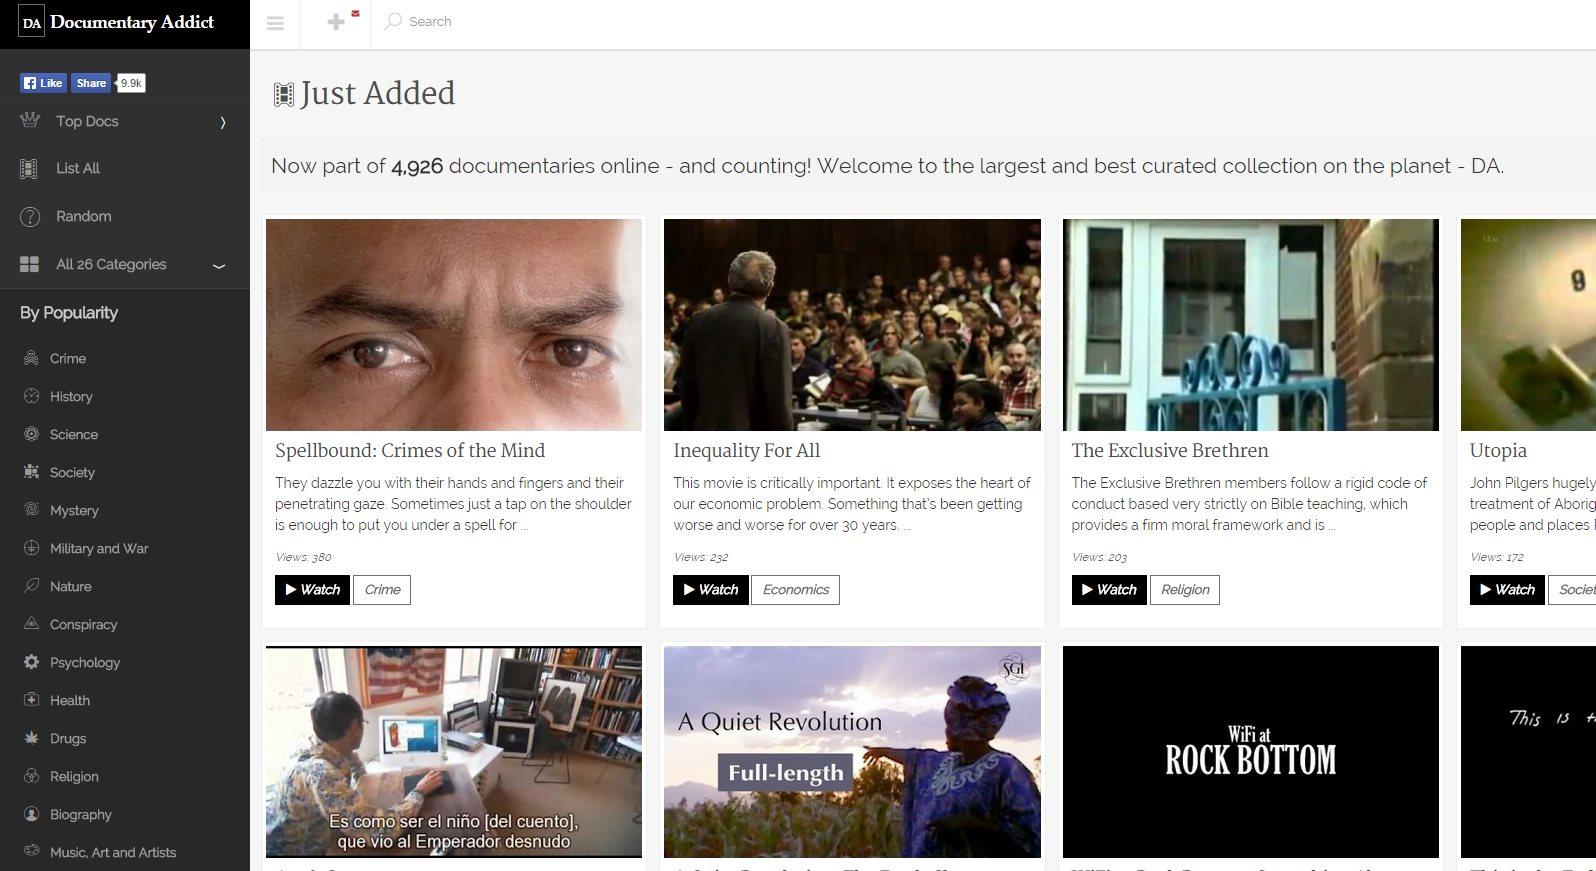 documentaryaddict, una web con casi 5.000 documentales clasificados